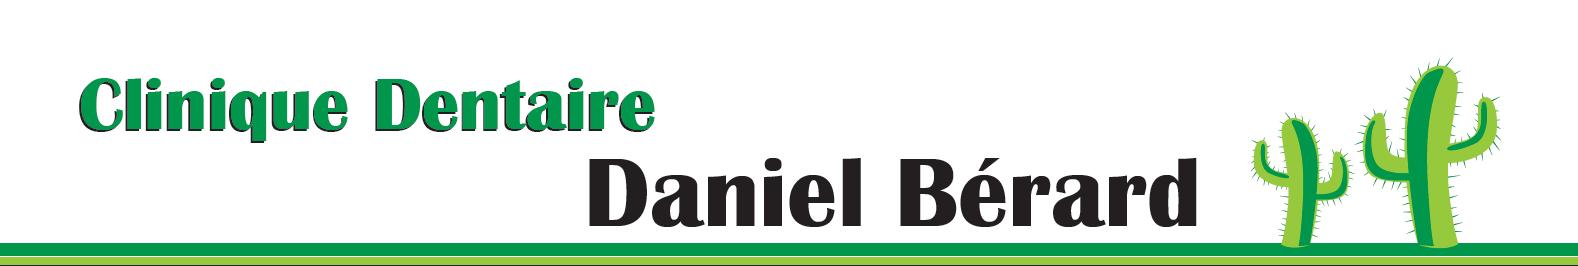 Clinique dentaire Daniel Bérard